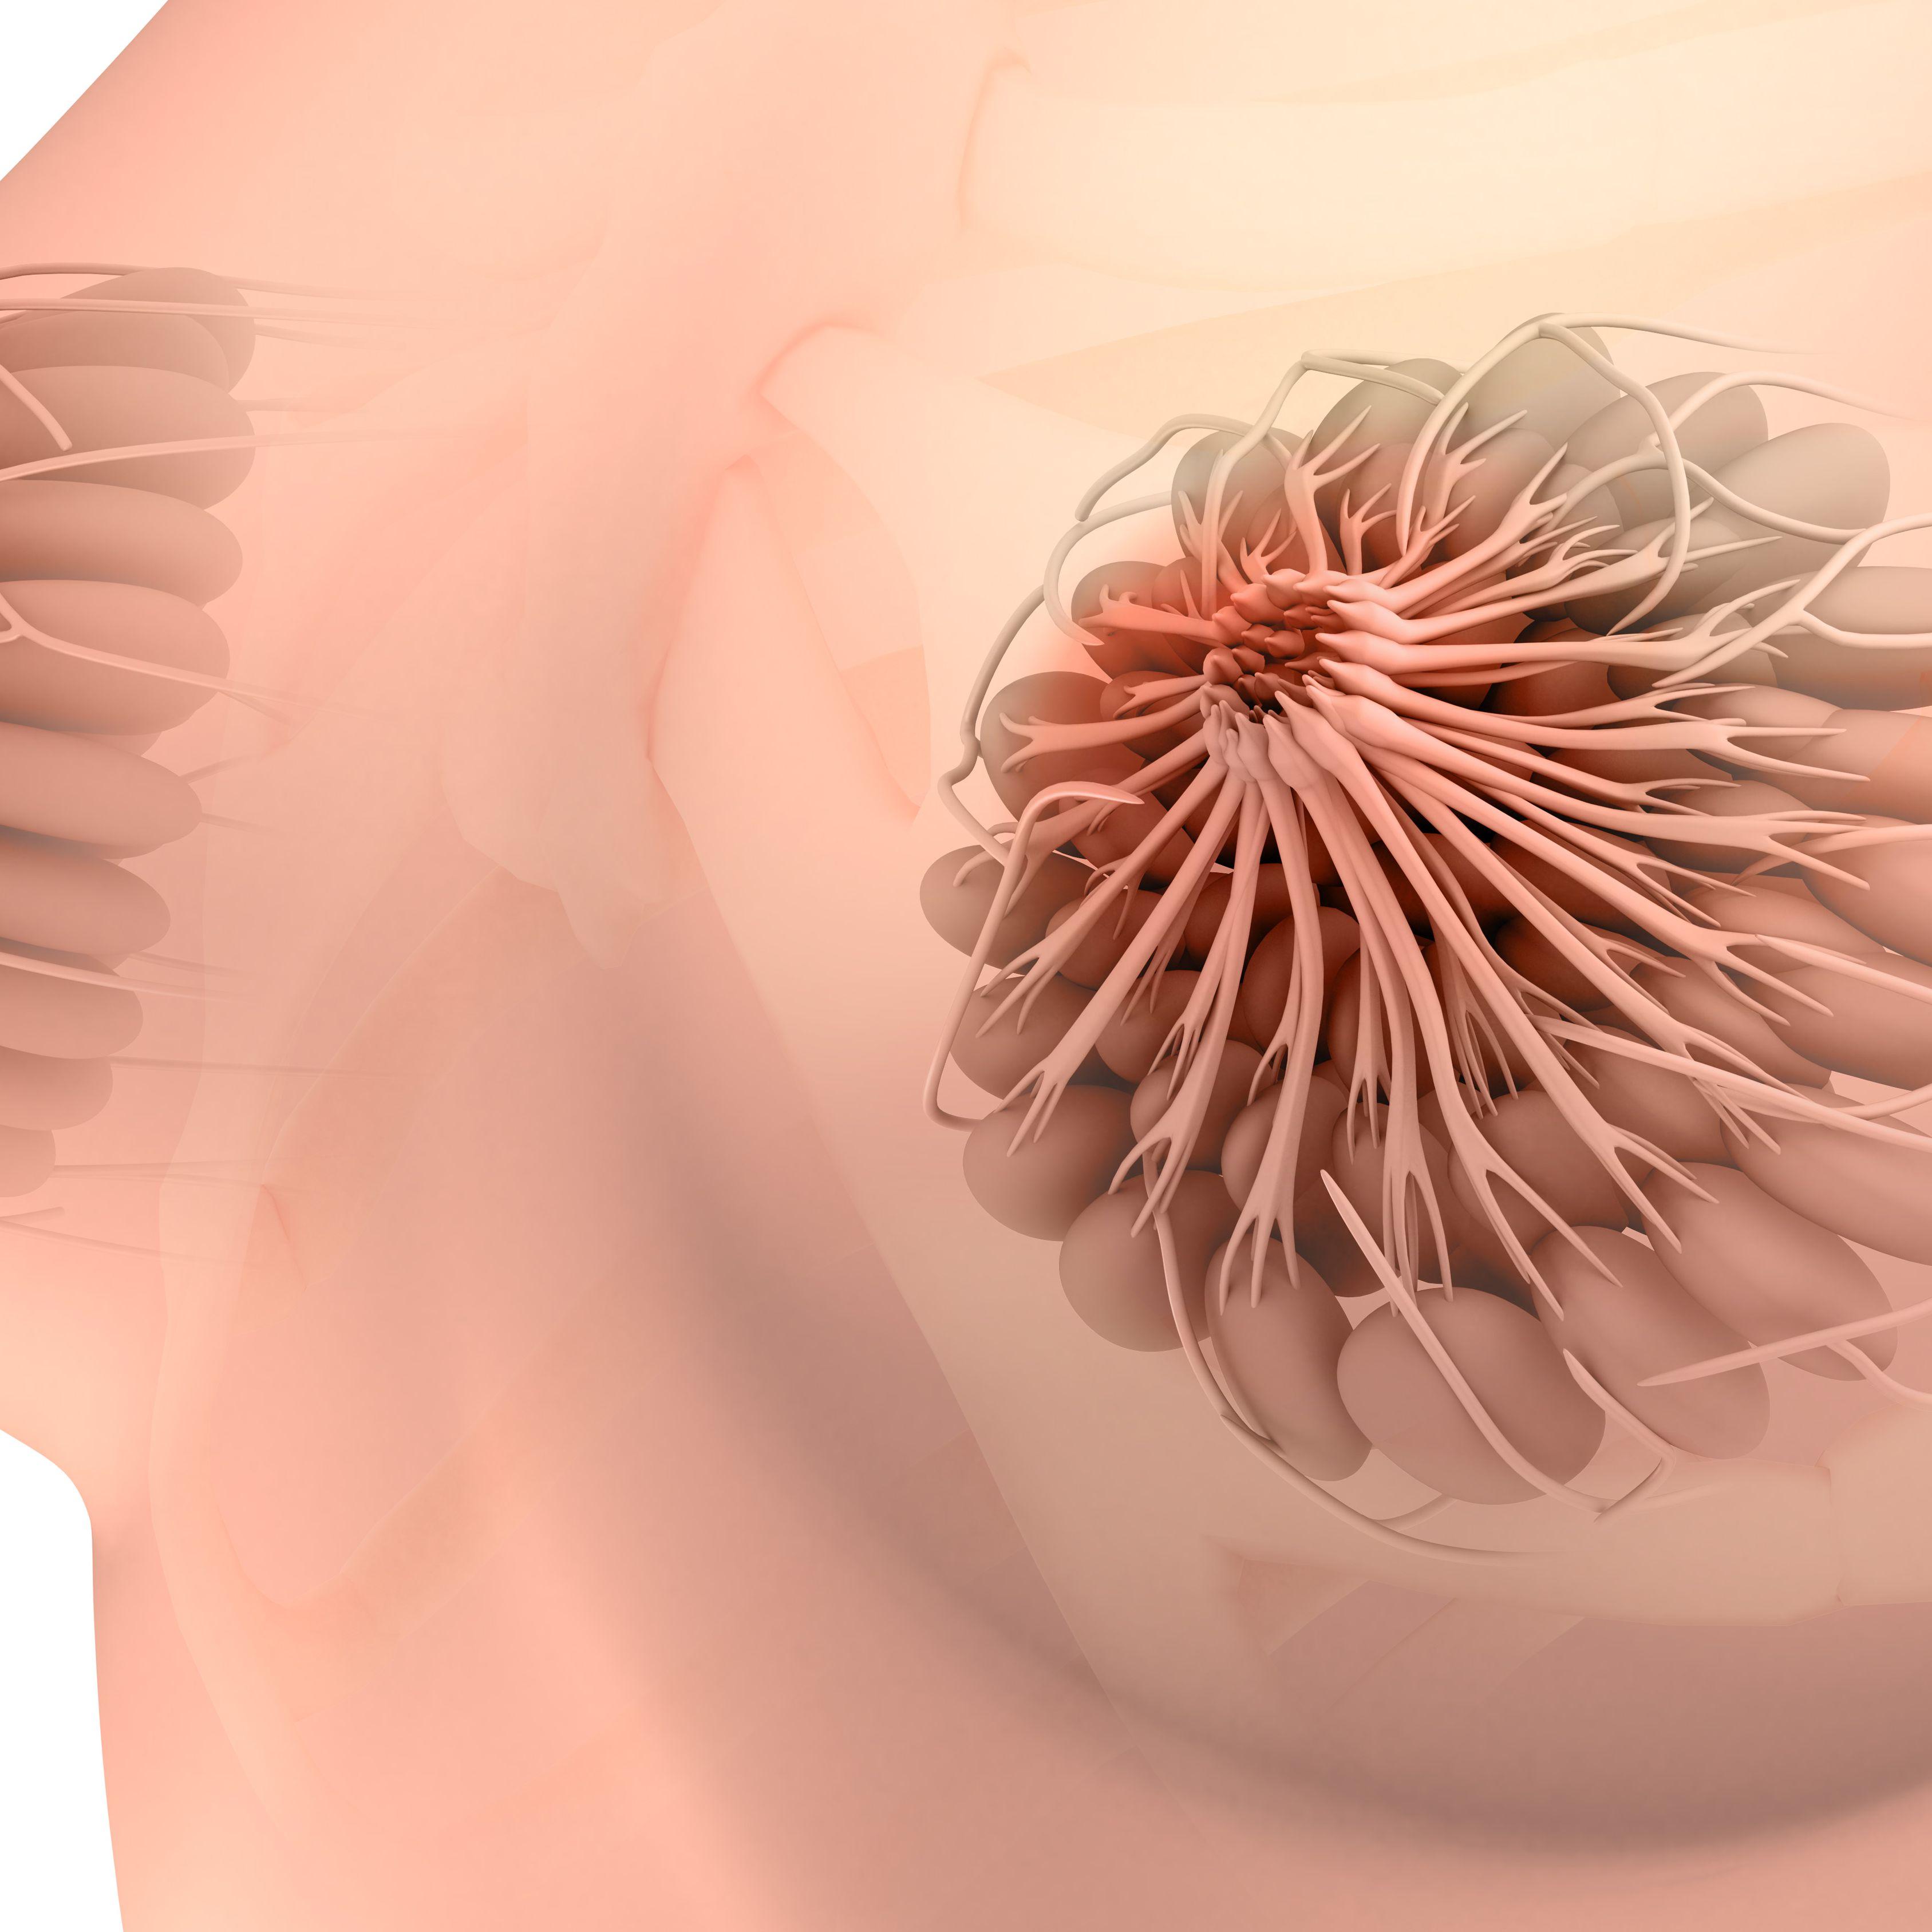 simptomele viermilor la medicamentele pentru adulți hpv high risk ratio